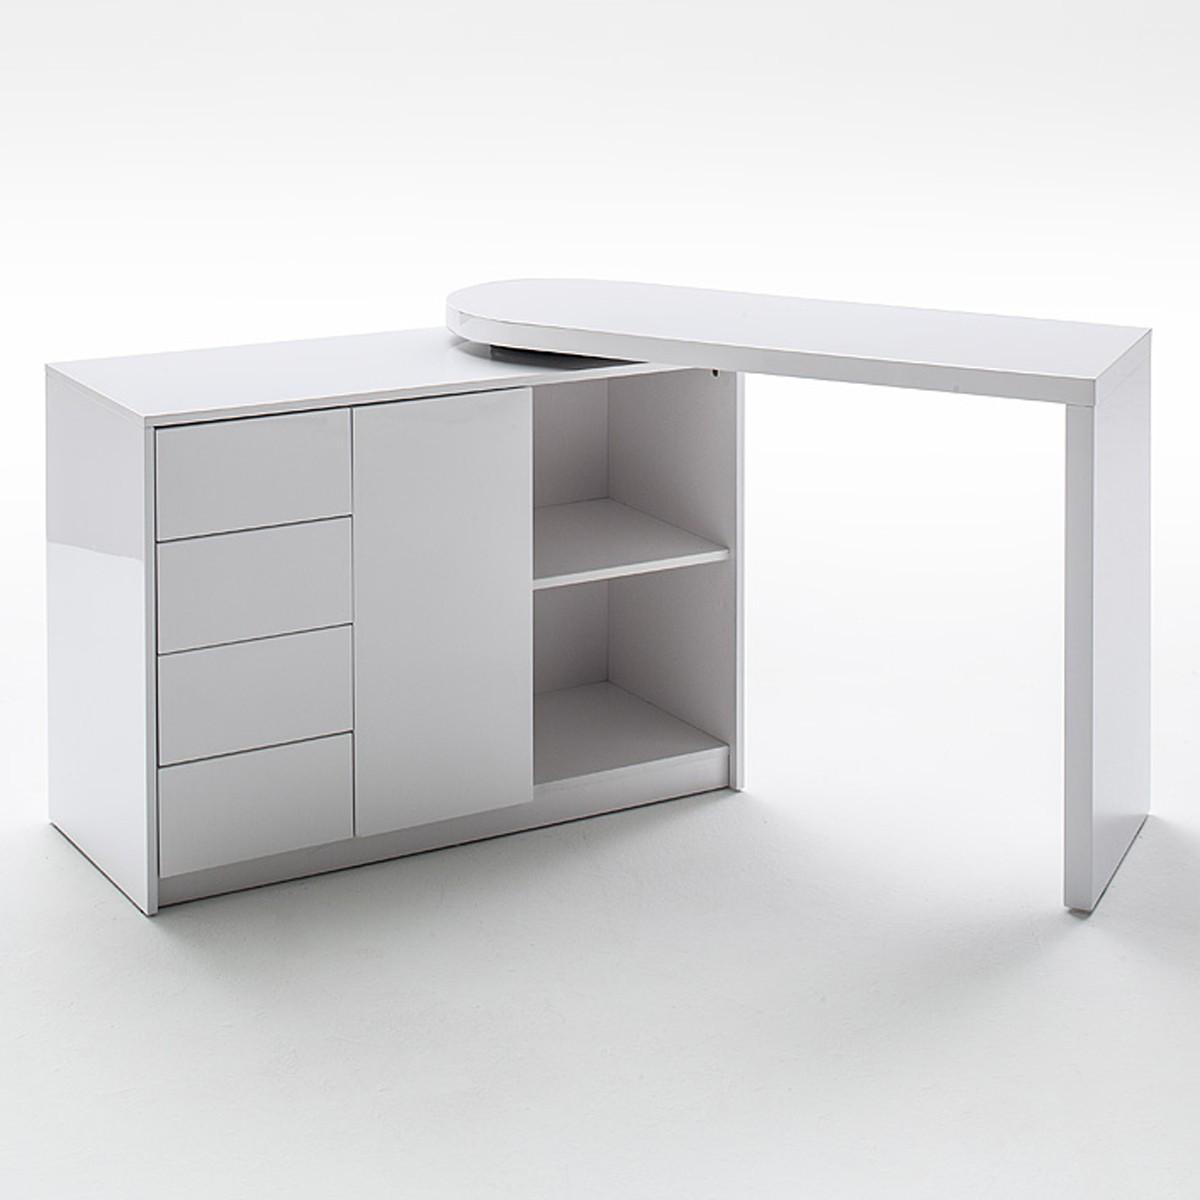 schreibtisch und regal mit drehfunktion hochglanz wei matt b ro schreibtische. Black Bedroom Furniture Sets. Home Design Ideas